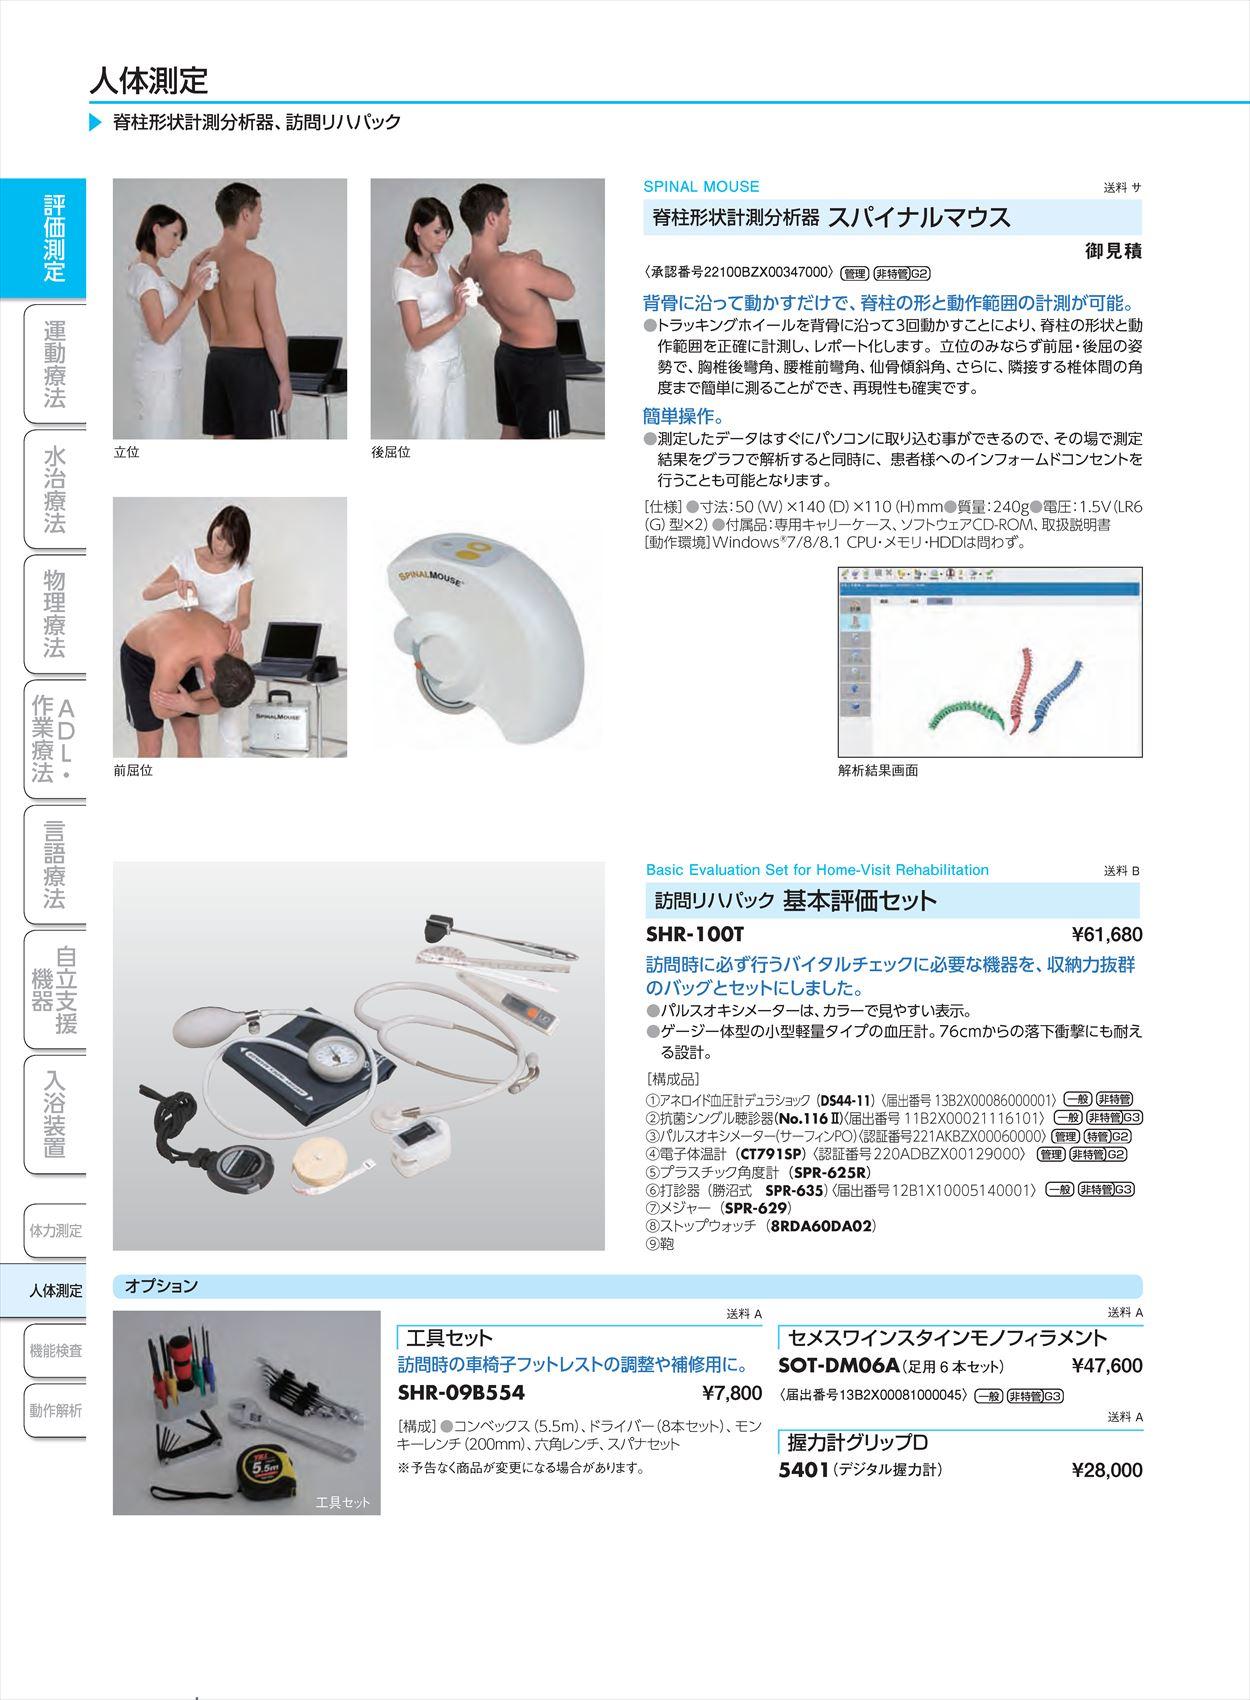 電子体温計CT791SP[本](sa25Q32021)【酒井医療】